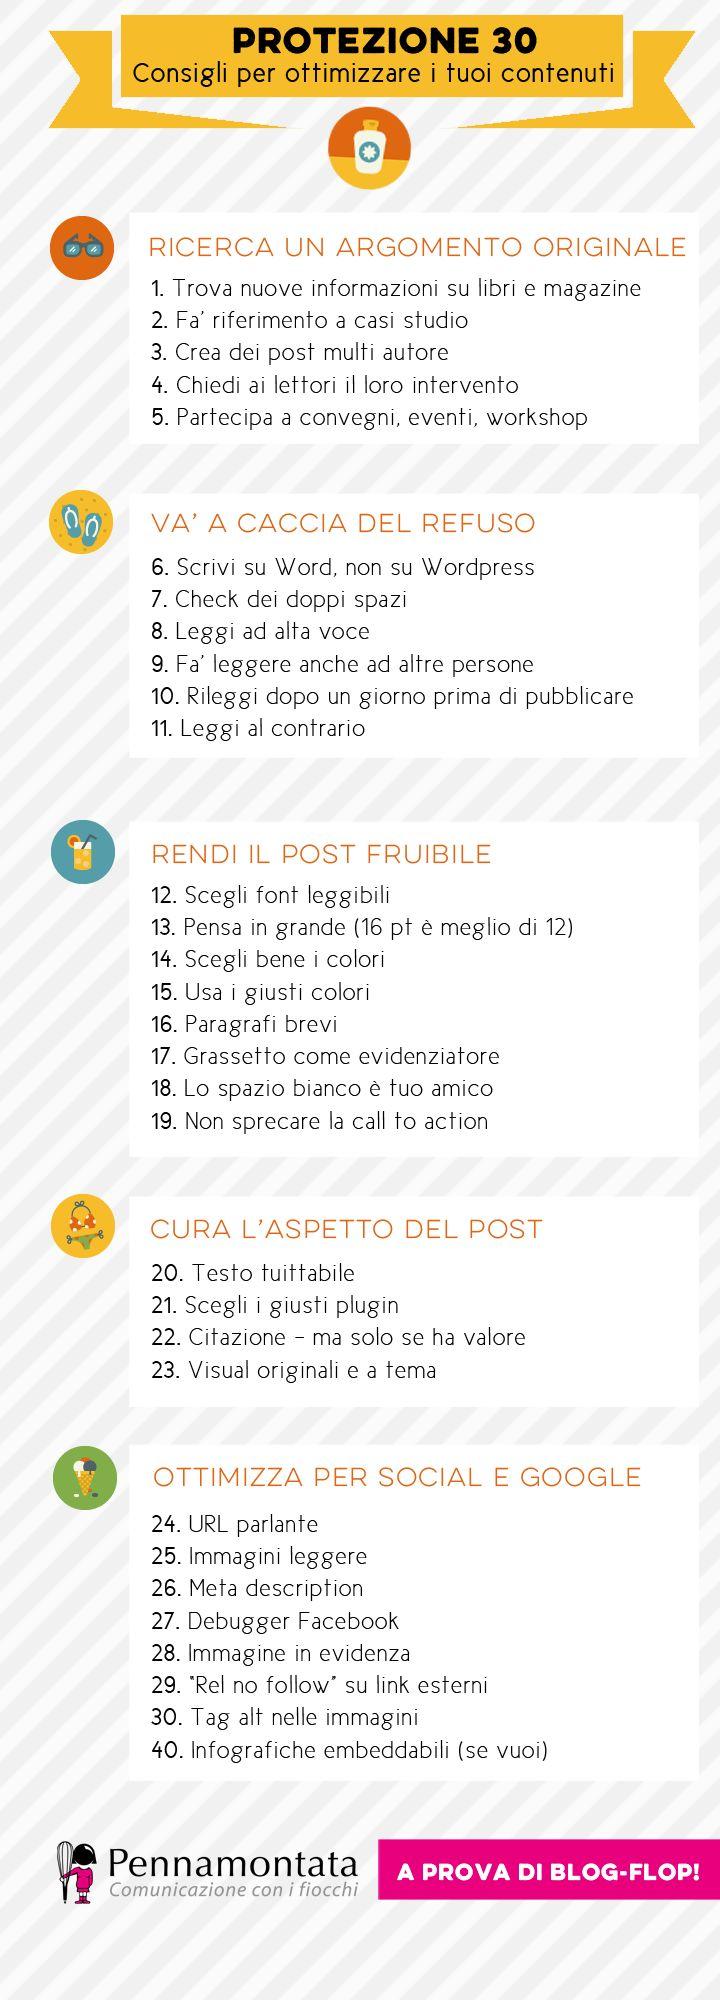 Protezione 30. Consigli dell'estate per ottimizzare i contenuti | Pennamontata   #blog #blogging